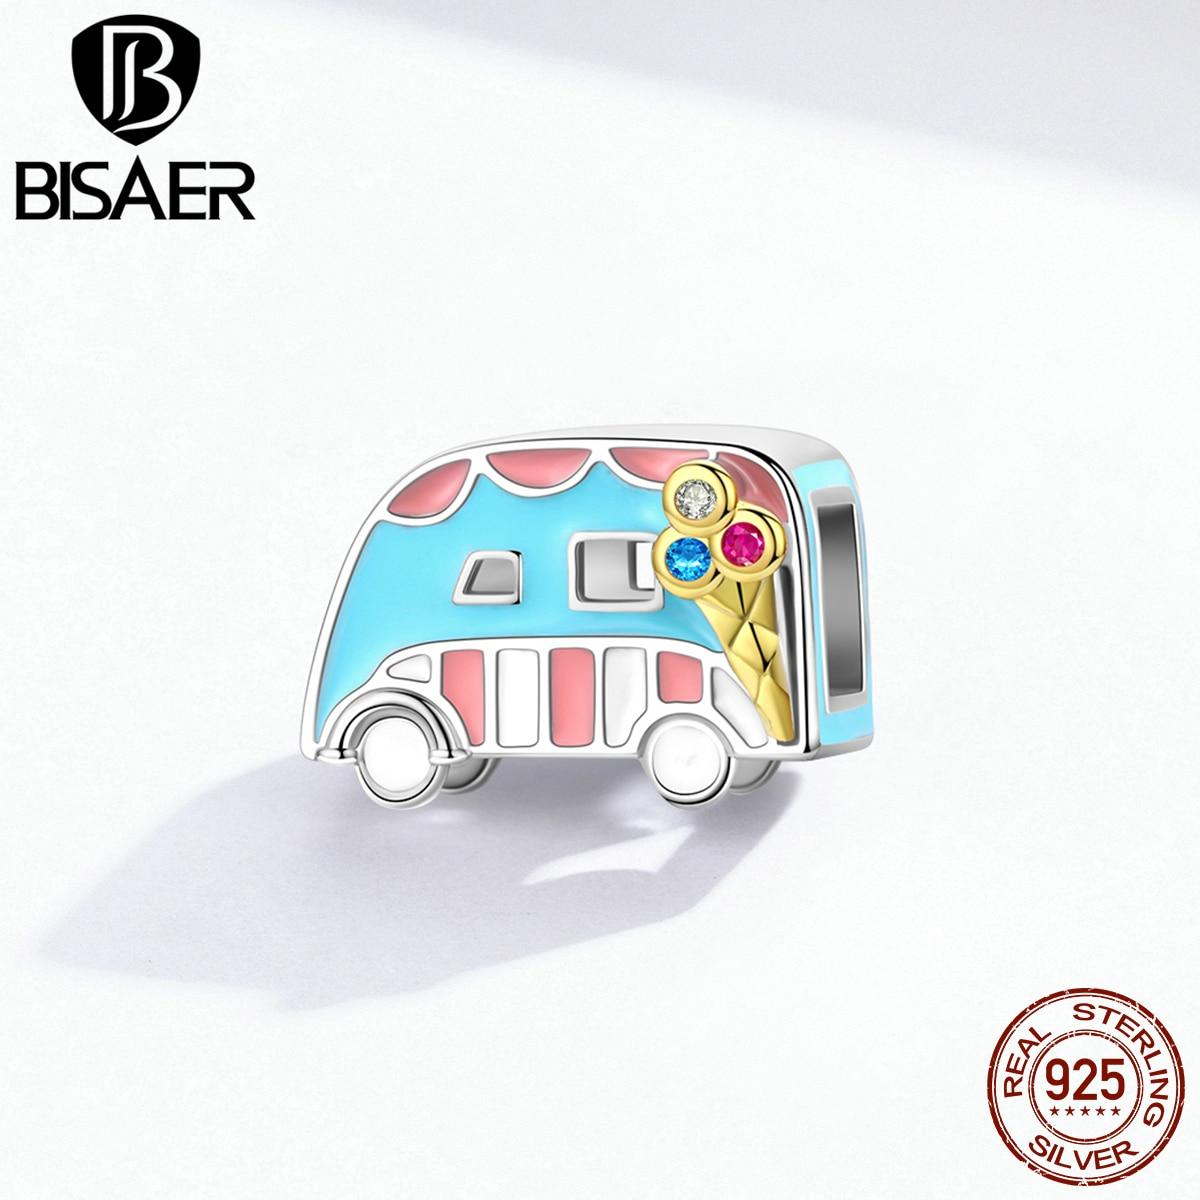 Ice-cream Van cuentas BISAER 925 esterlina esmalte color plata encantos de coche autobús para joyería de plata 925 de EFC163